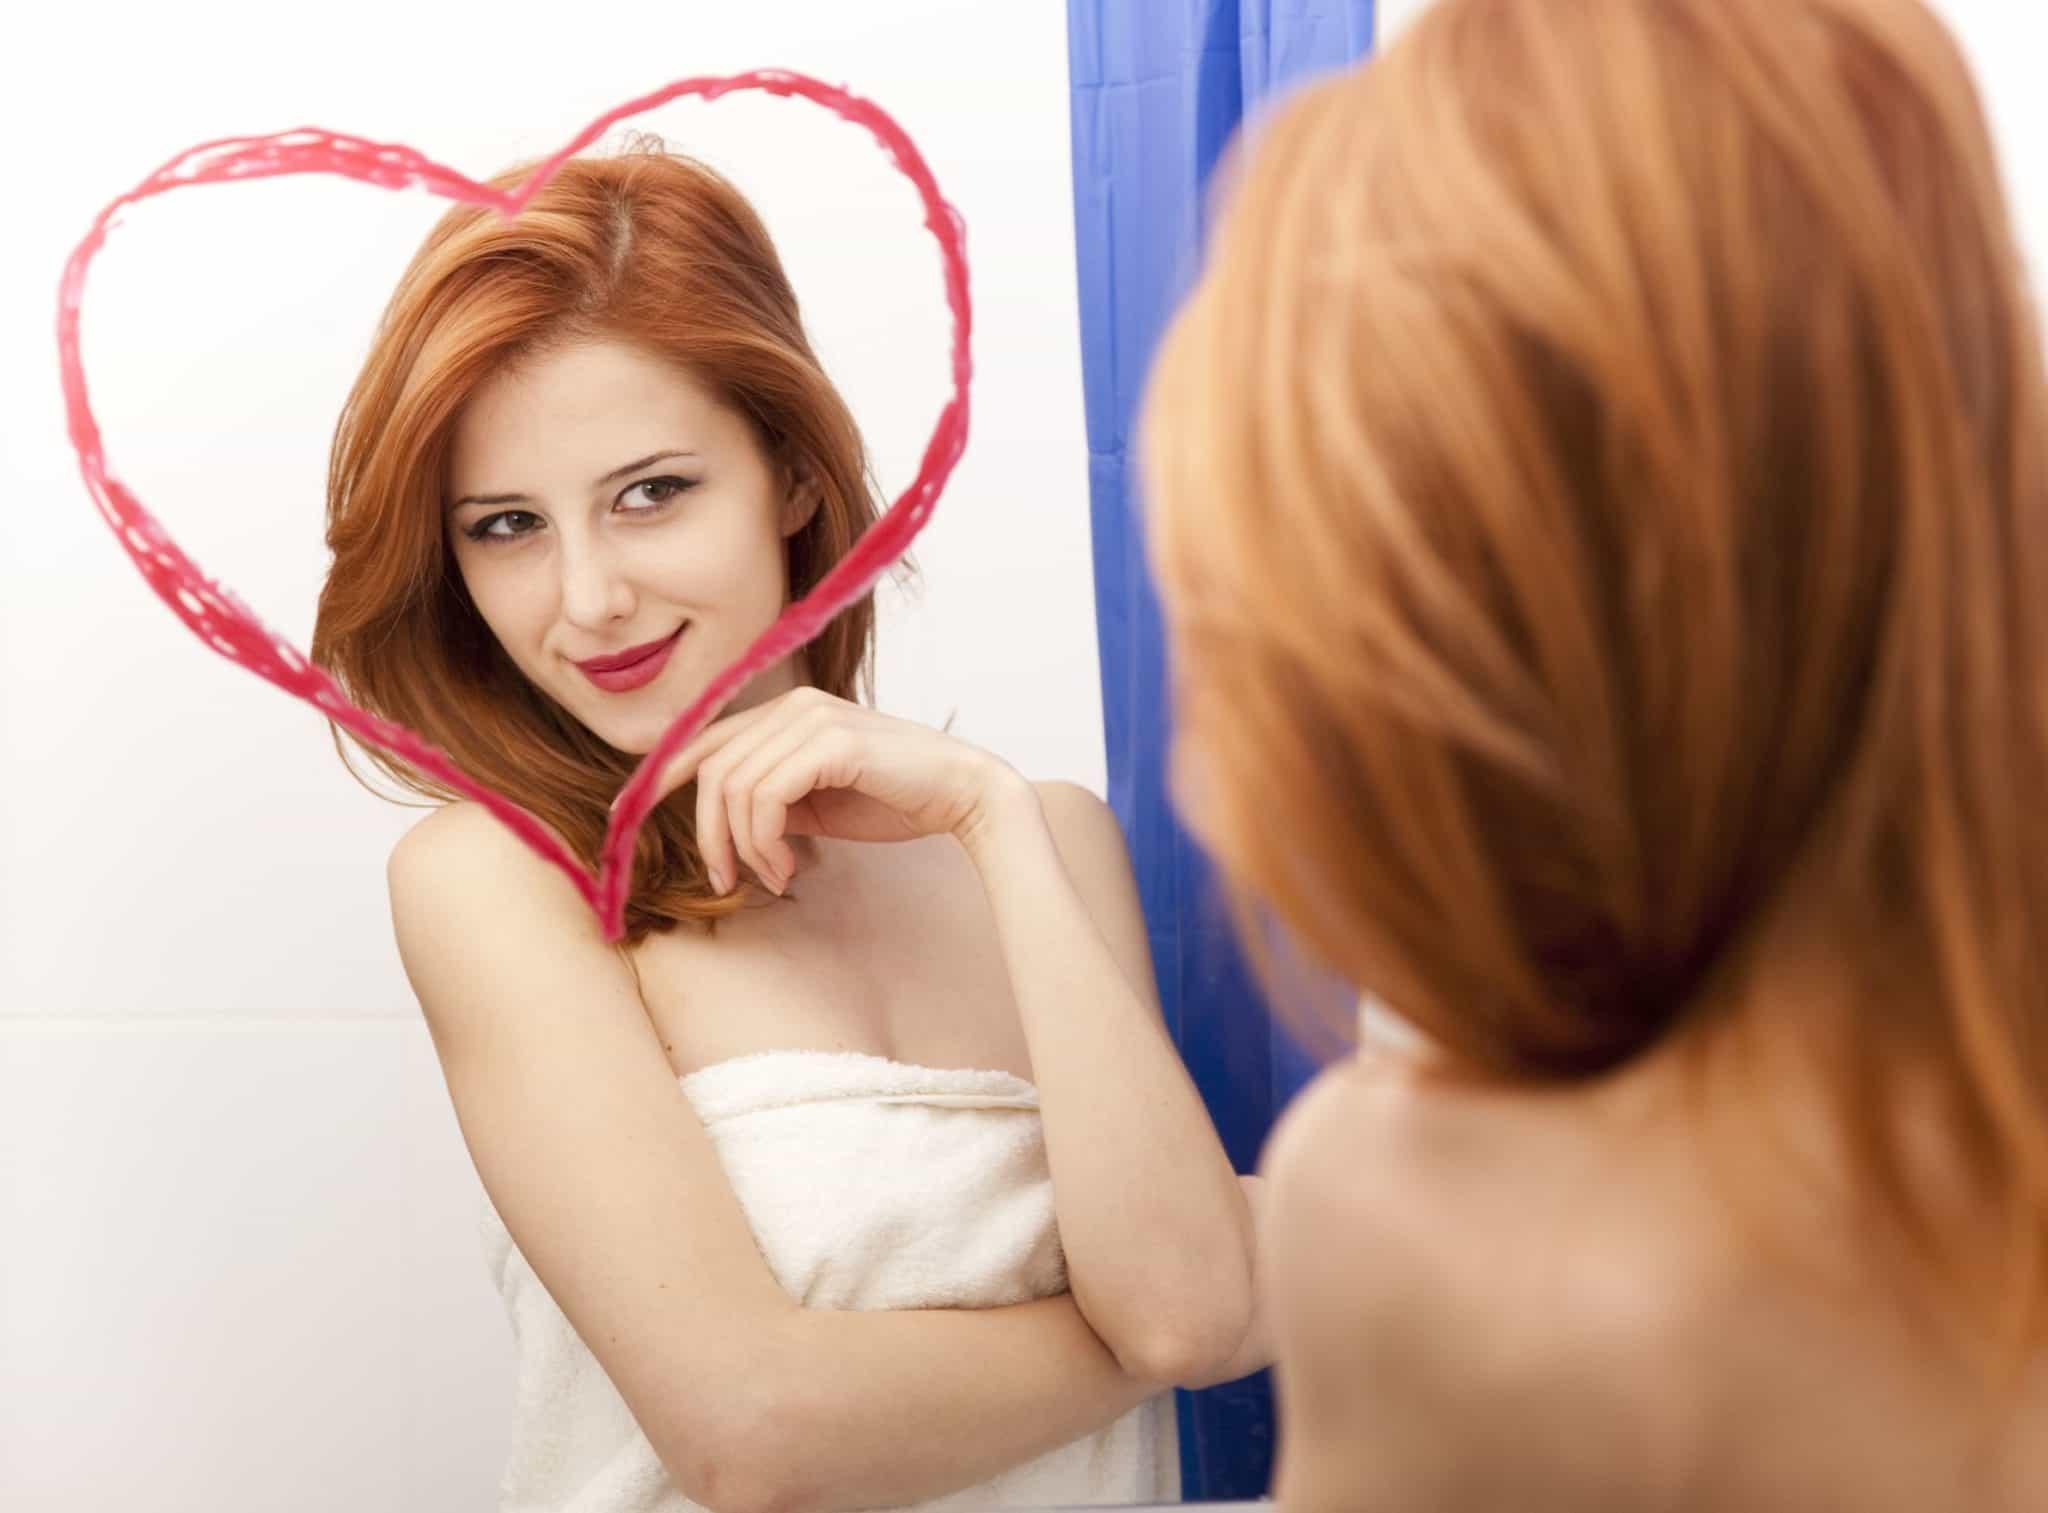 чтобы вас полюбили, нужно сначала полюбить себя самой